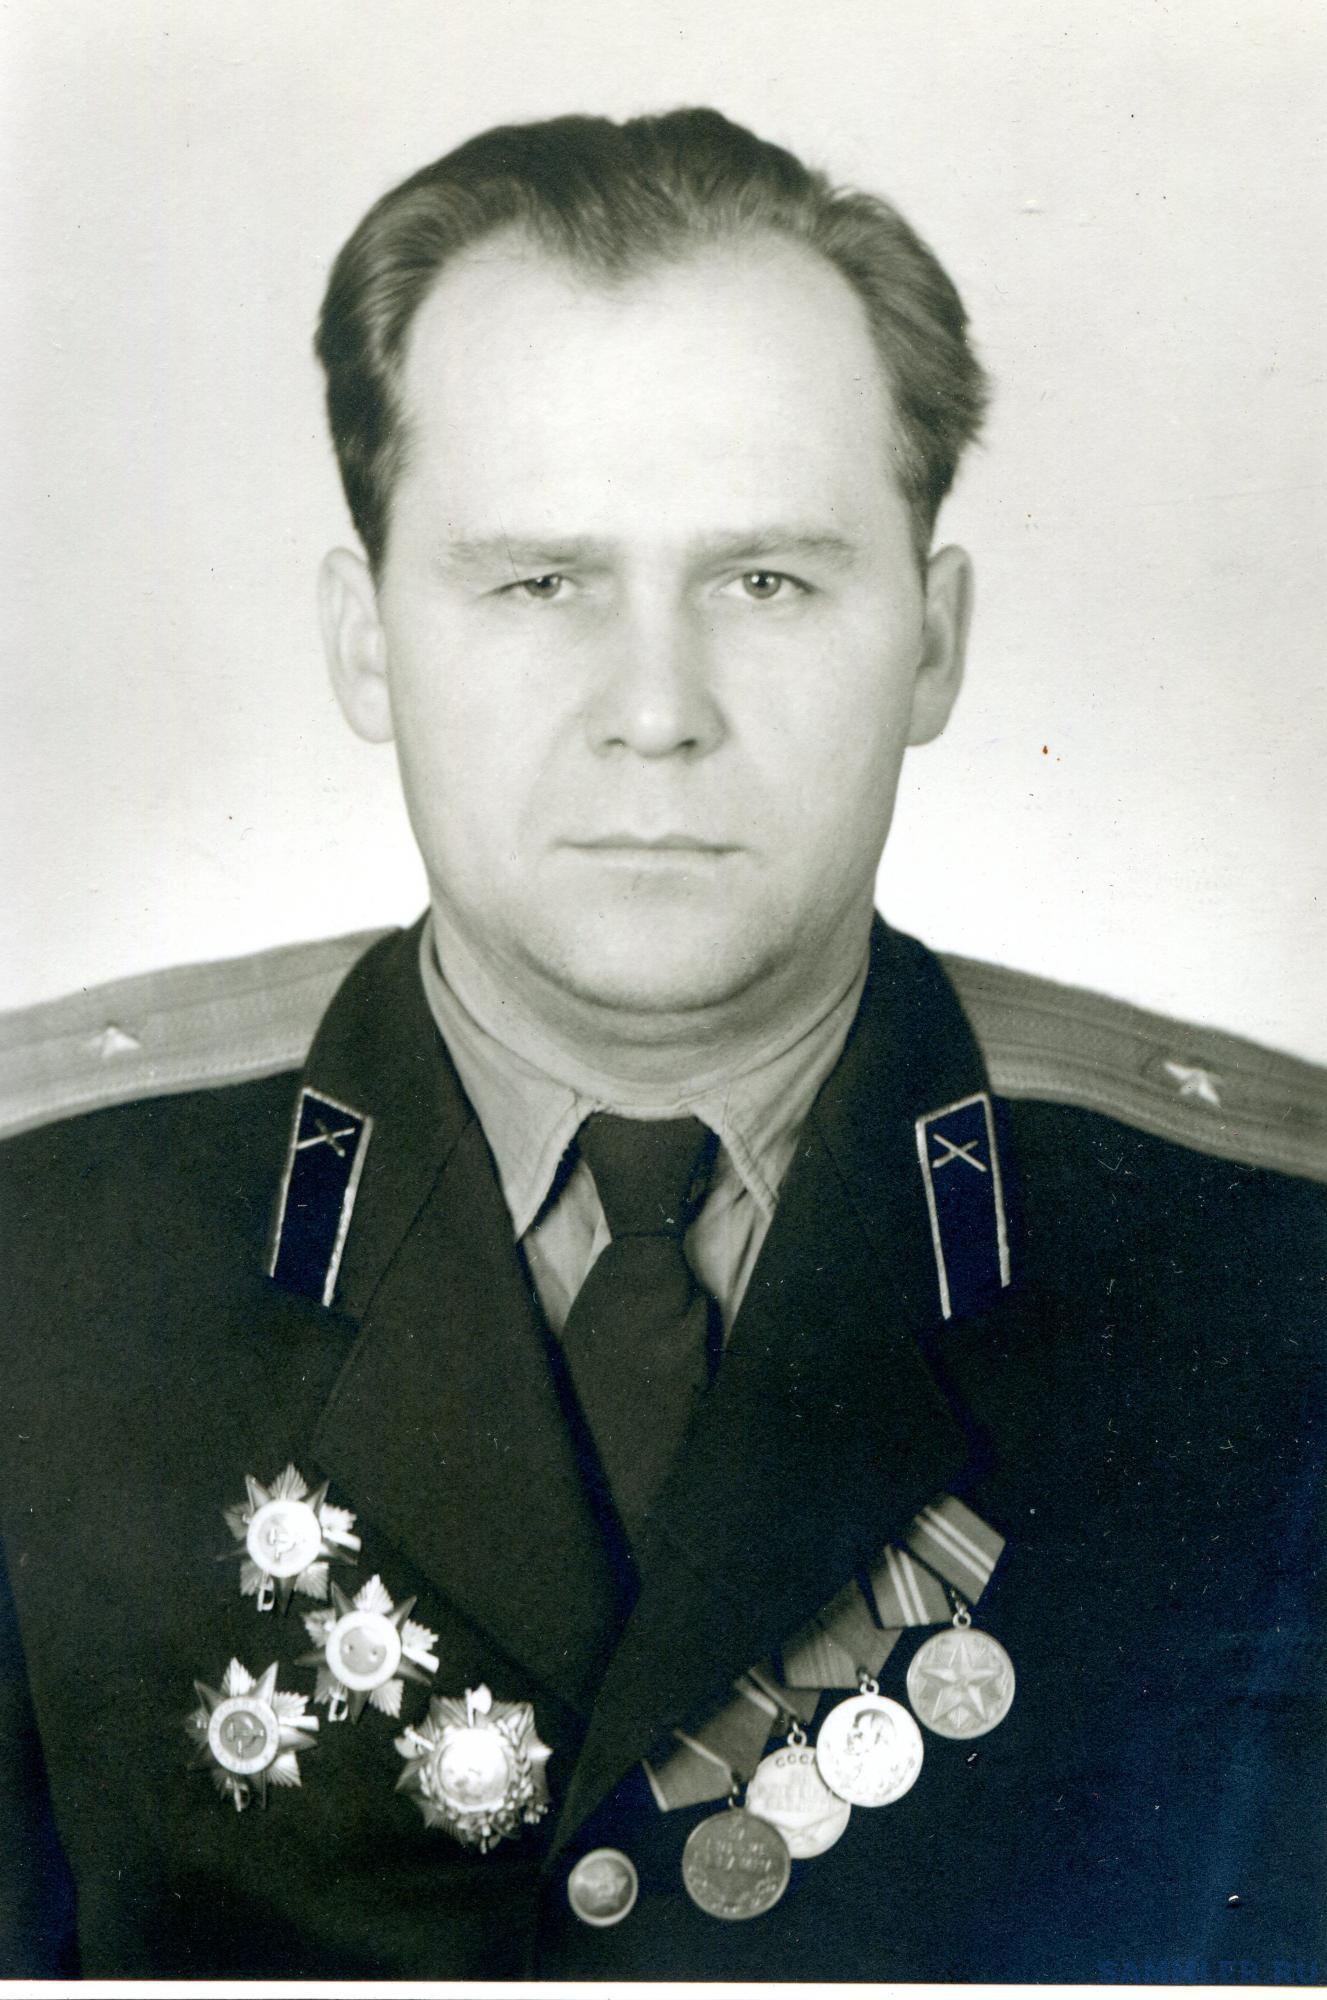 Петухов Иван Яковлевич 5.12.1960 из коллекции Н. Женина.jpg